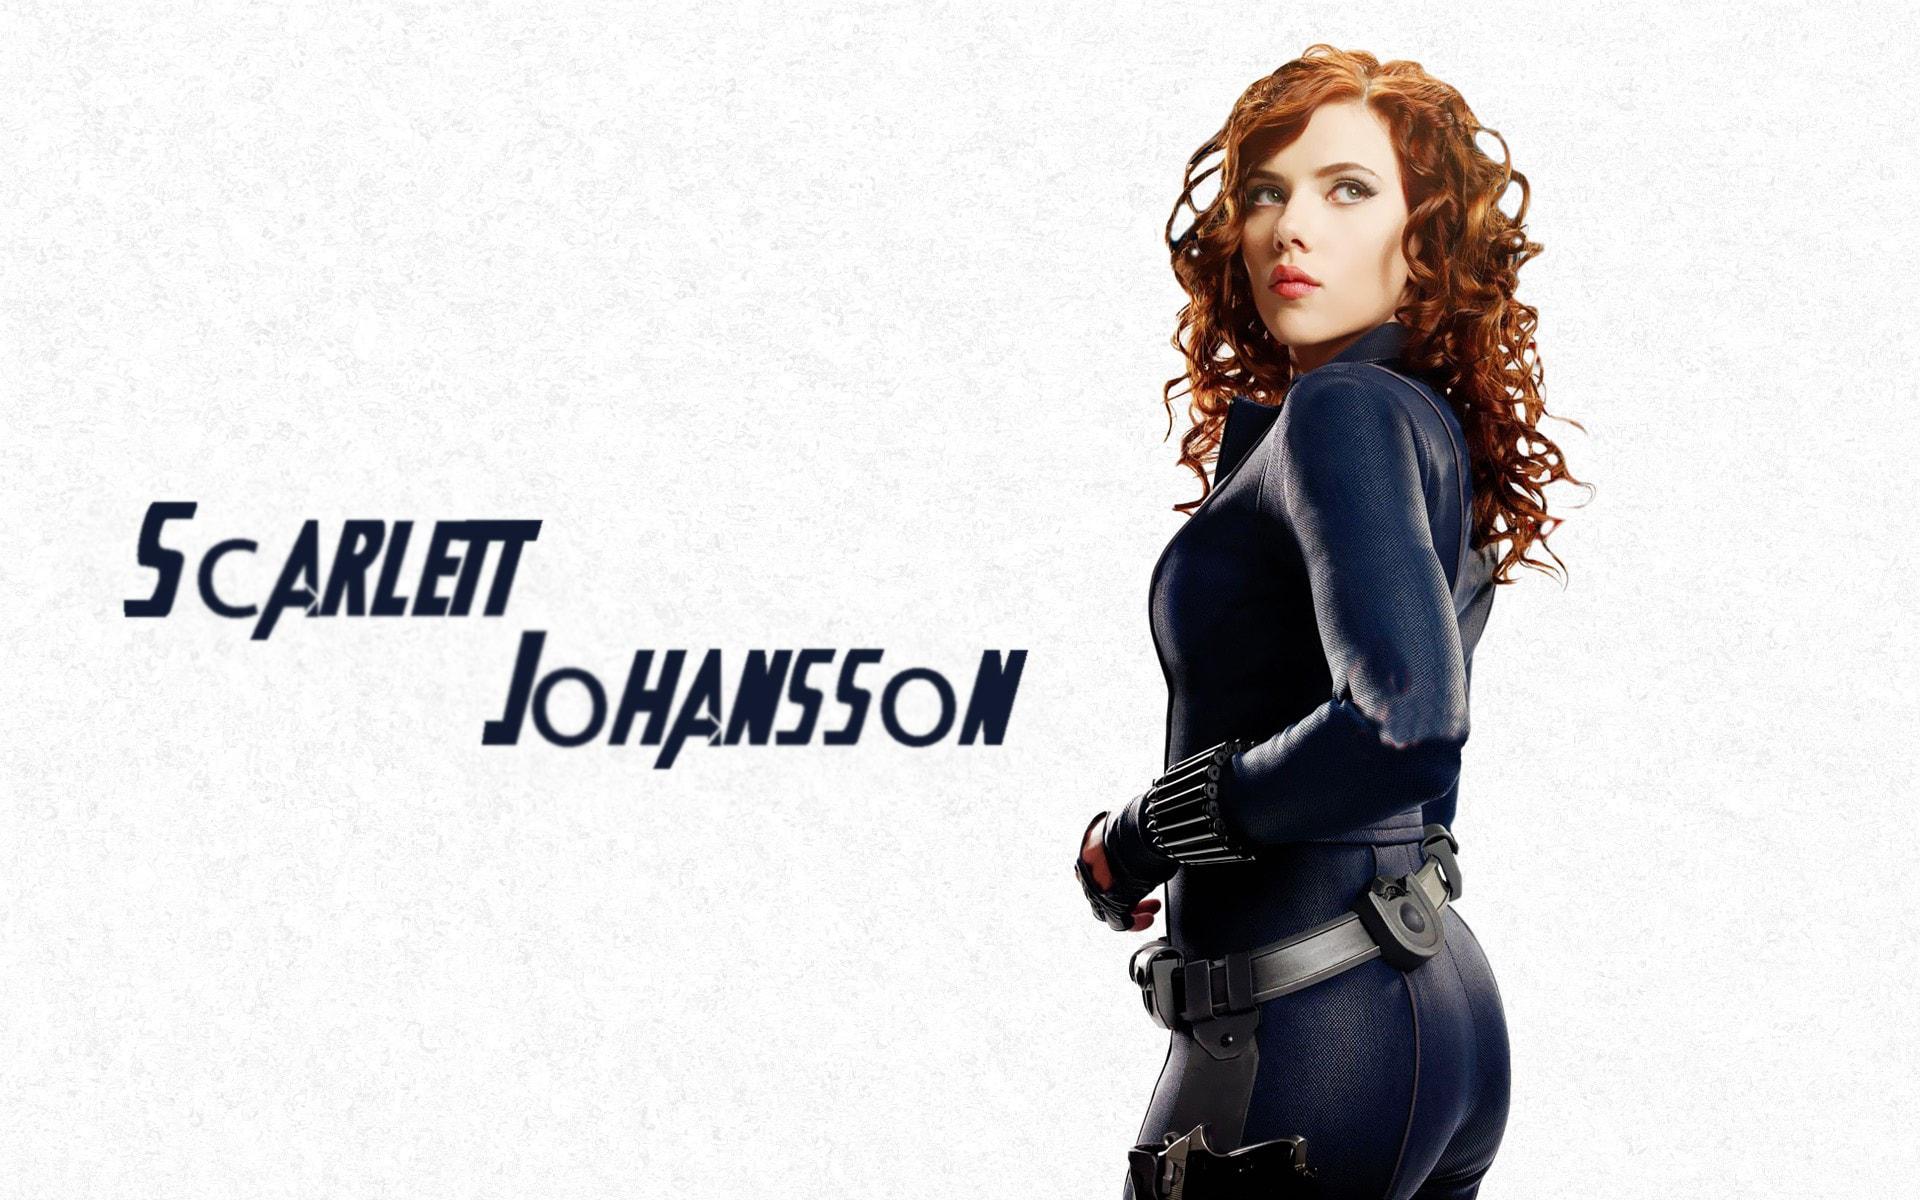 Scarlett Johansson for mobile